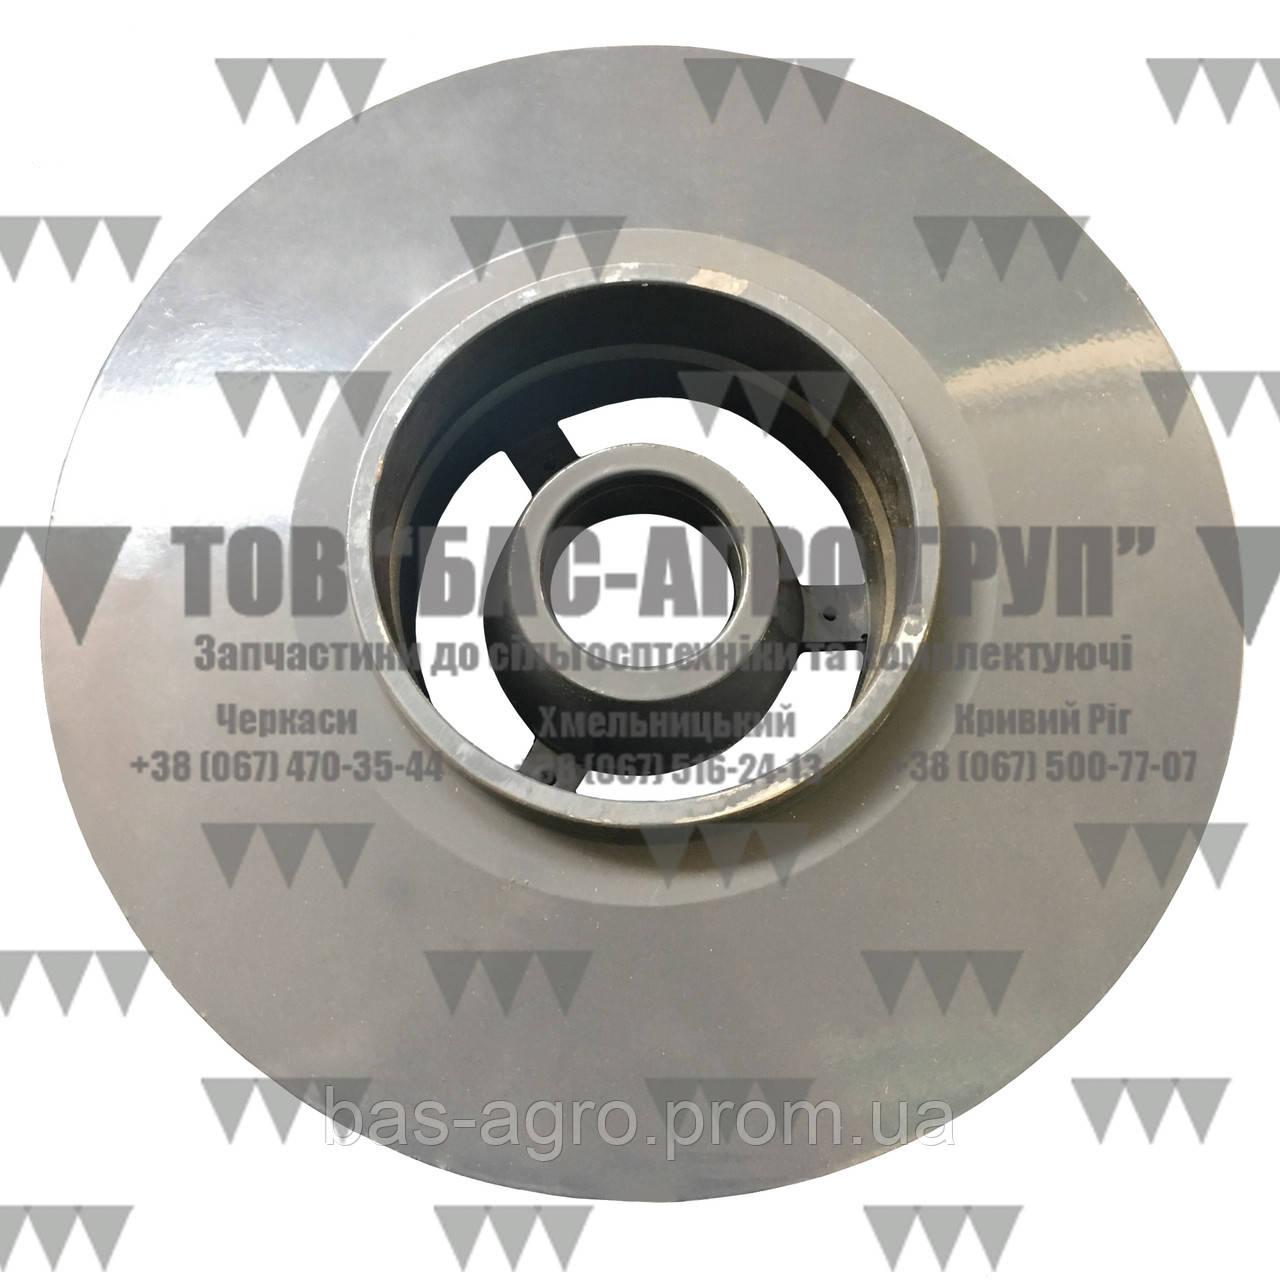 Диск вариатора 603403.0 Claas ан JAG